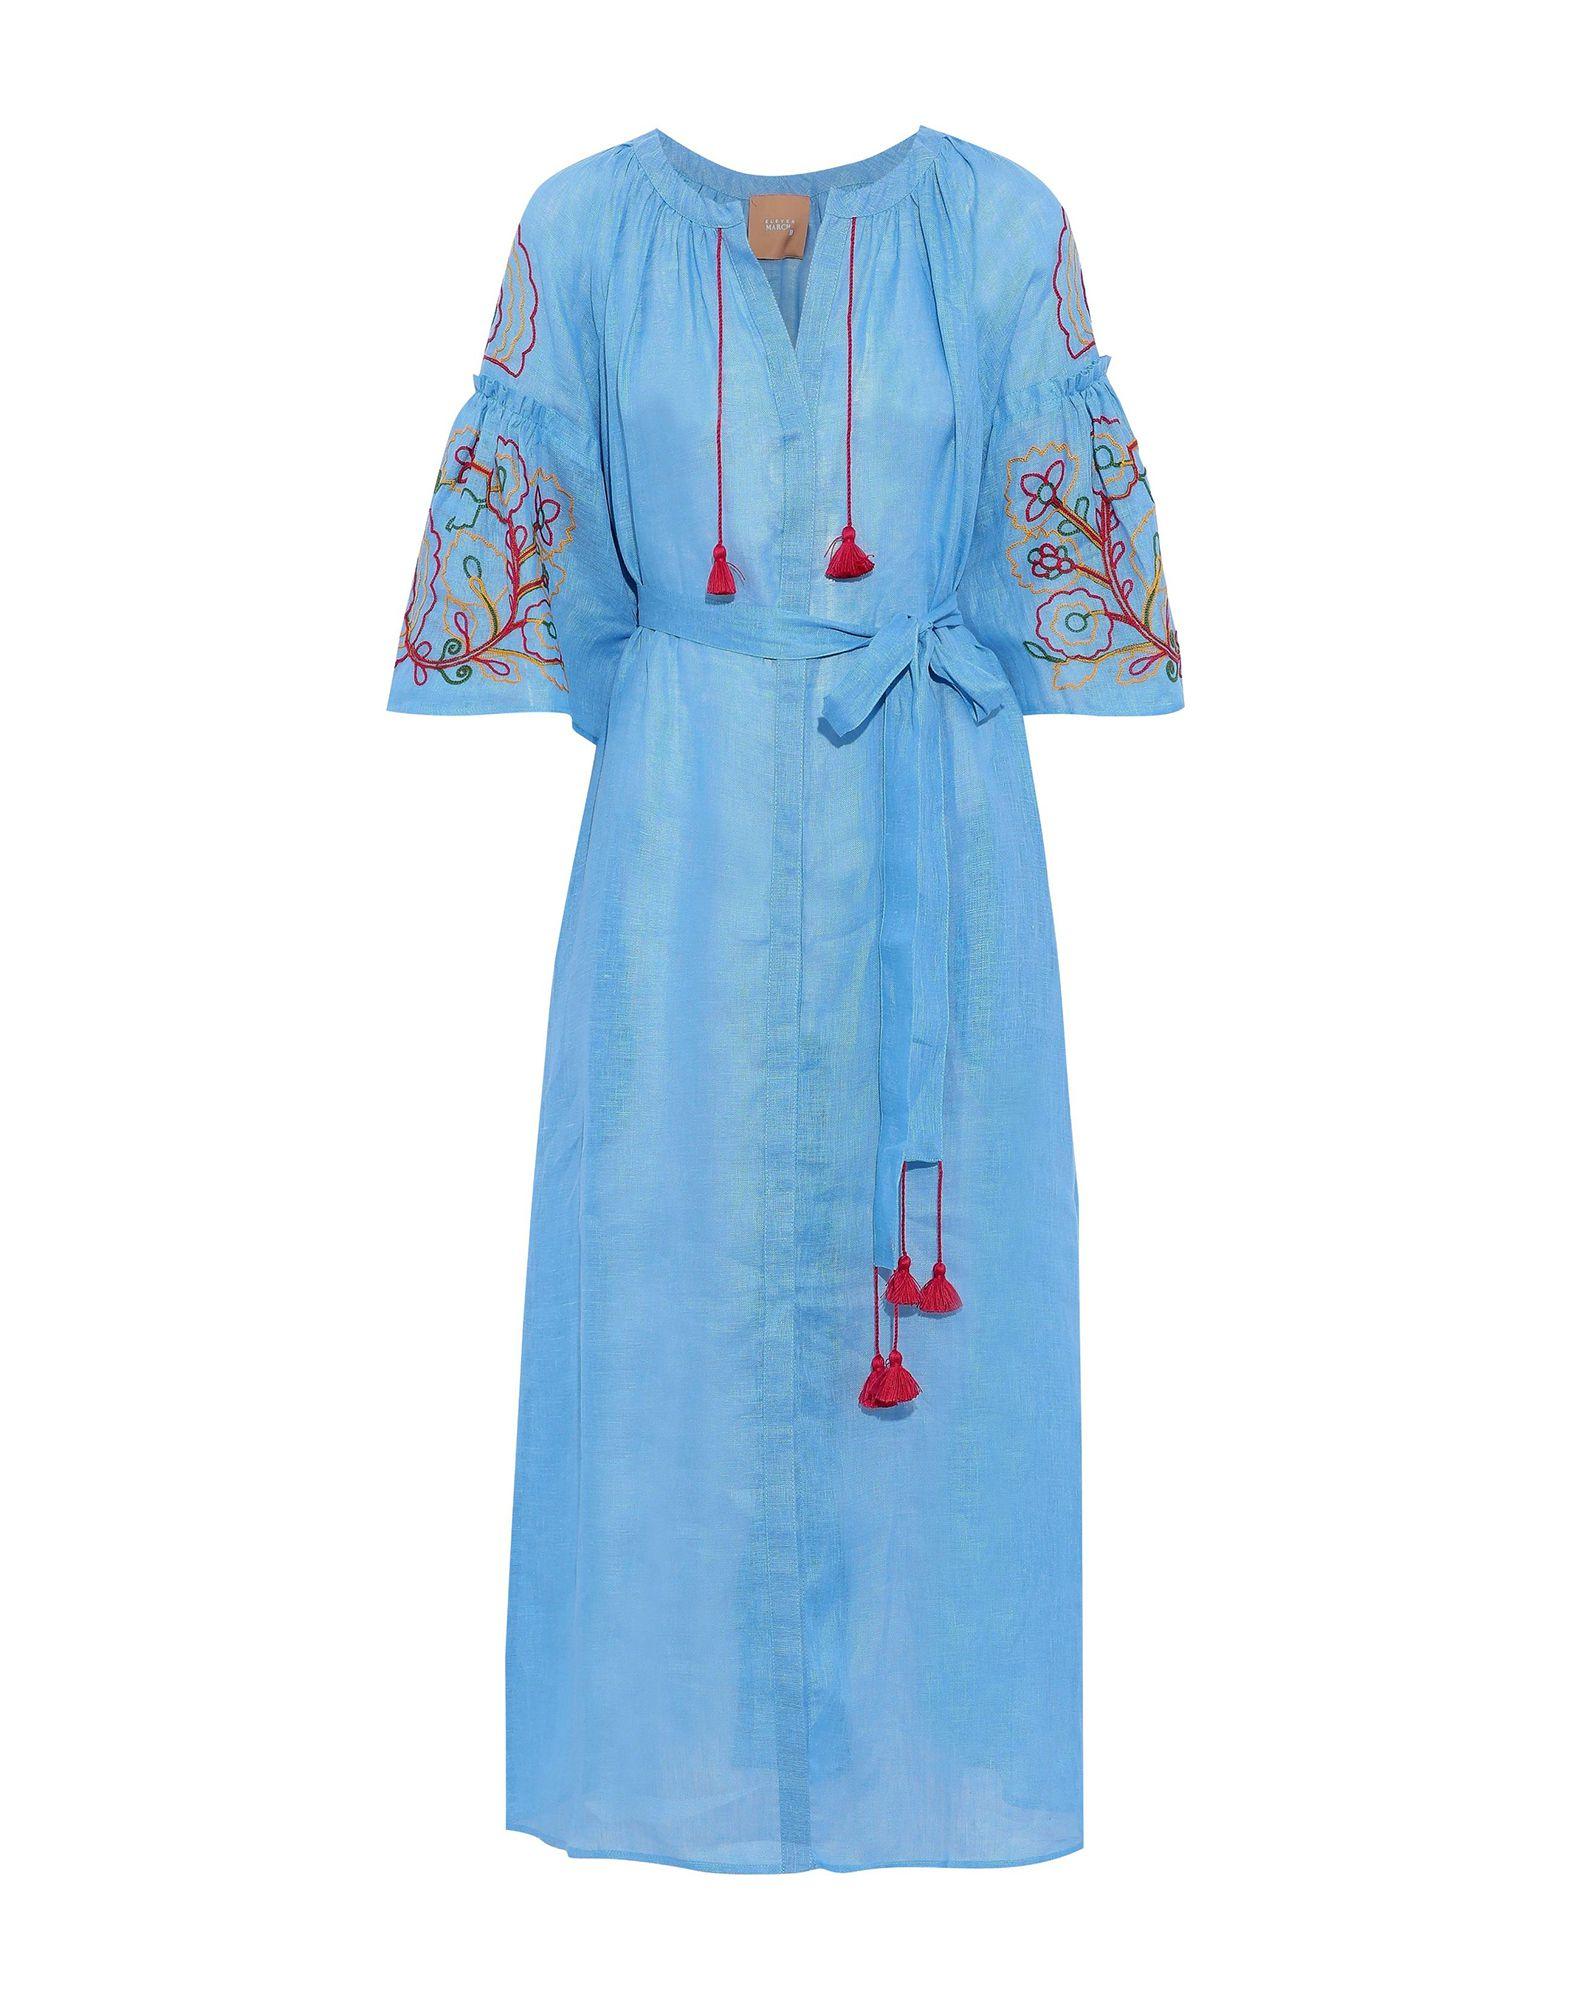 ELEVEN MARCH11 Длинное платье